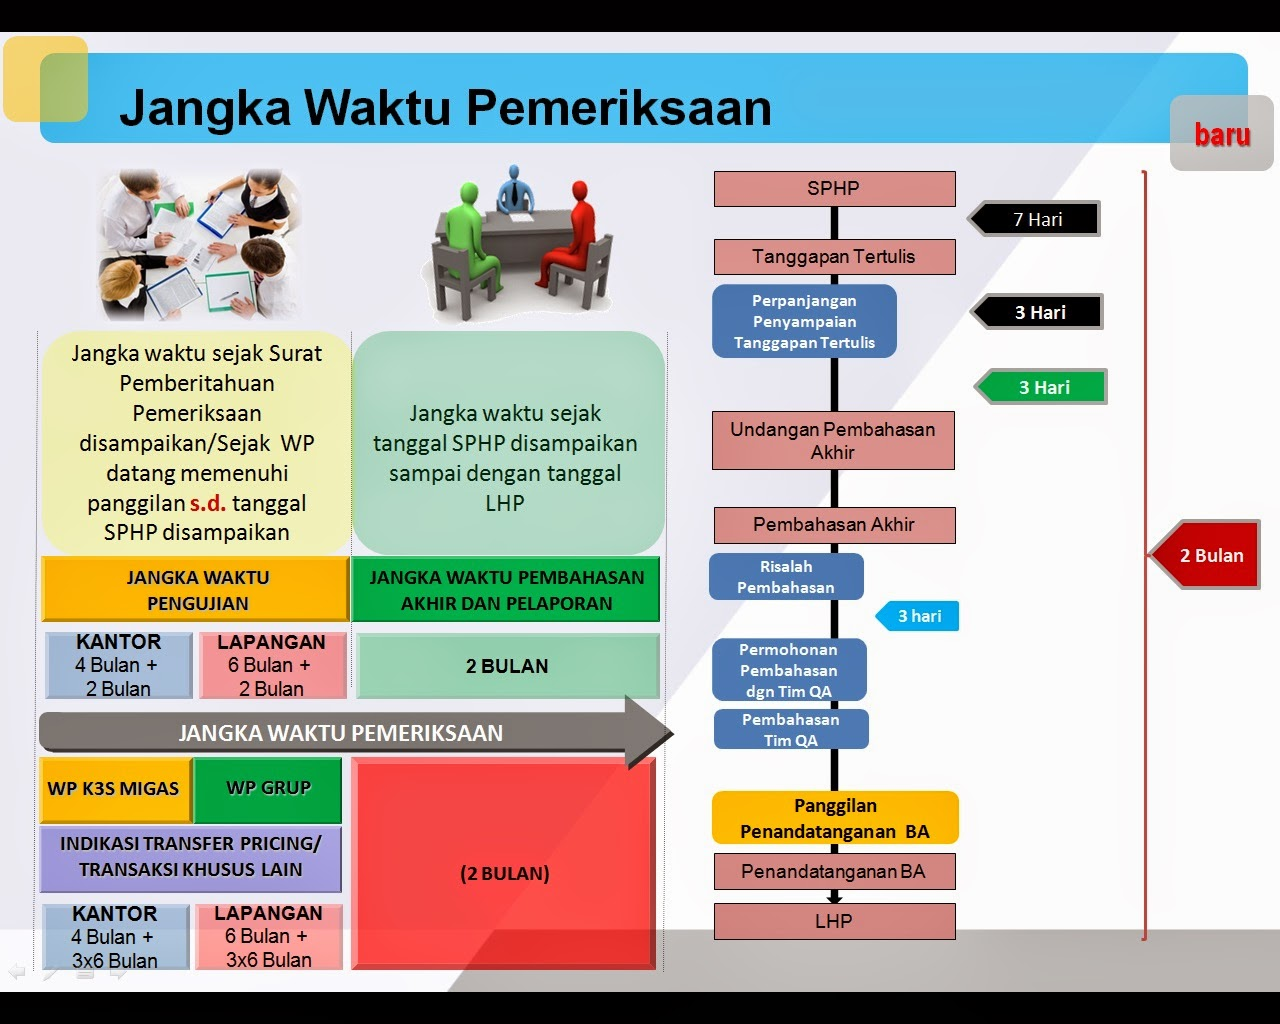 jangka waktu pemeriksaan pajak di indonesia